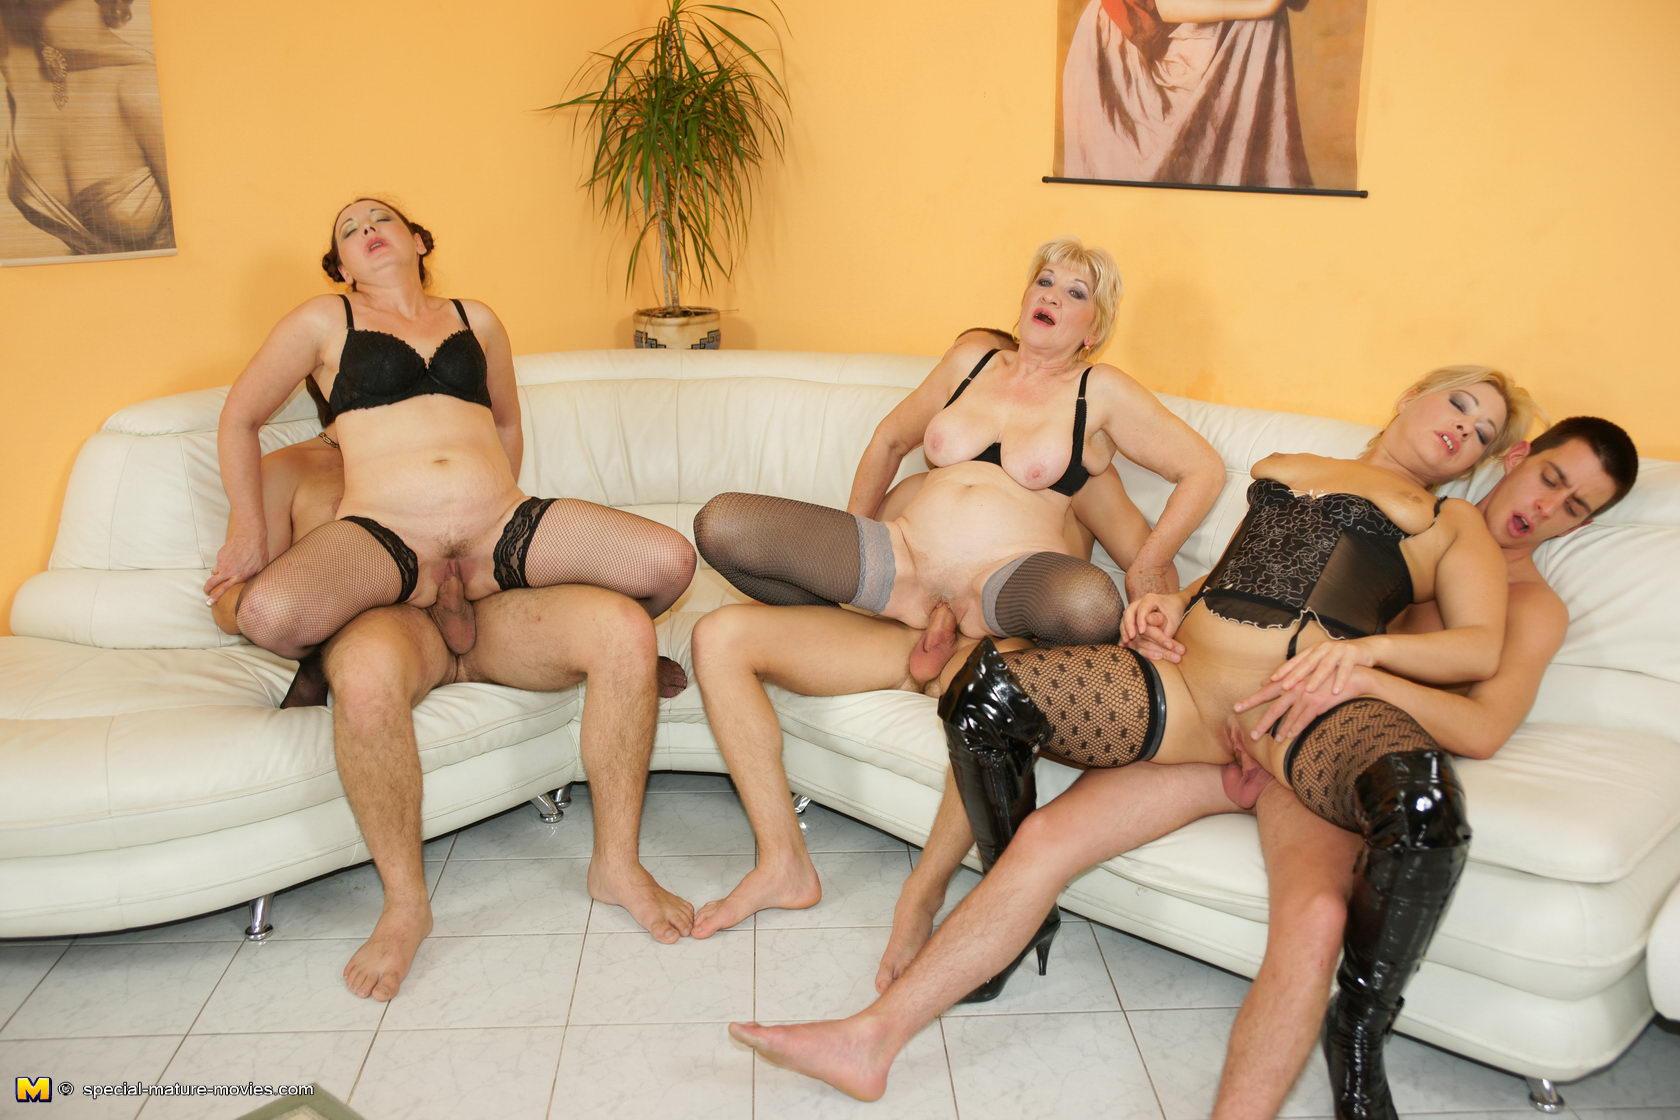 Фото извращение со зрелыми женщинами 14 фотография